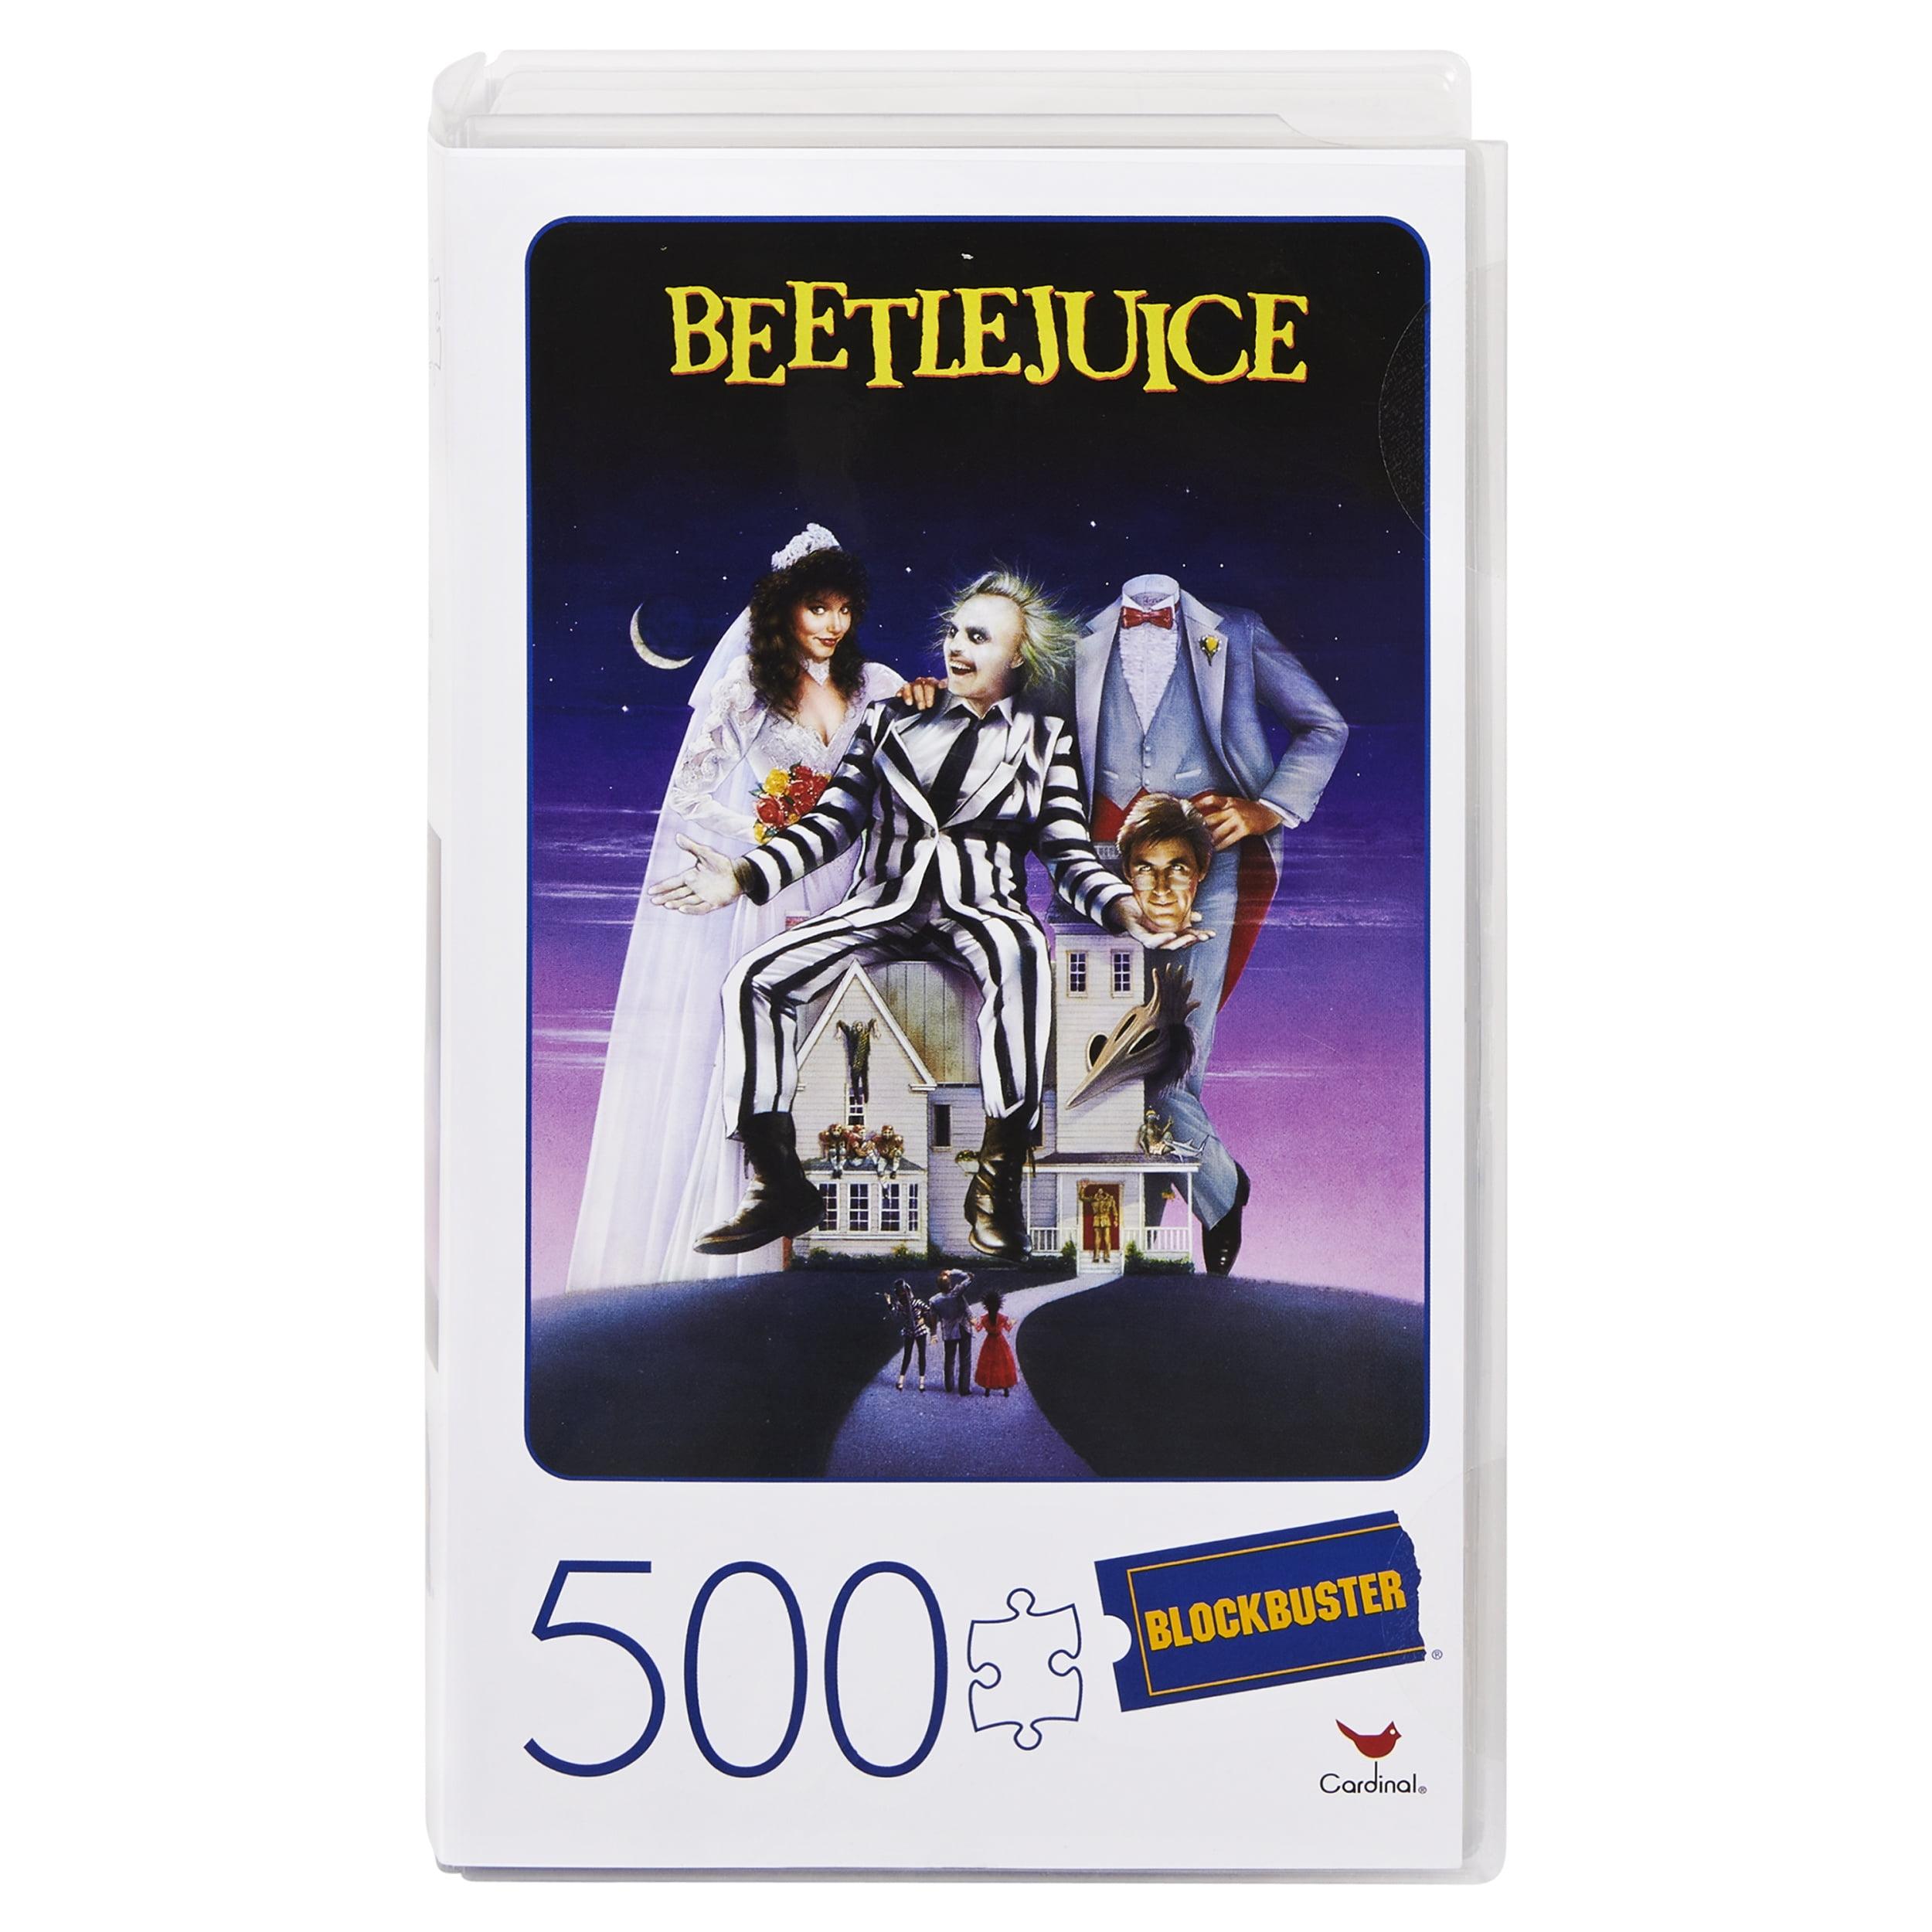 Beetlejuice Blockbuster Puzzle 500 Piece